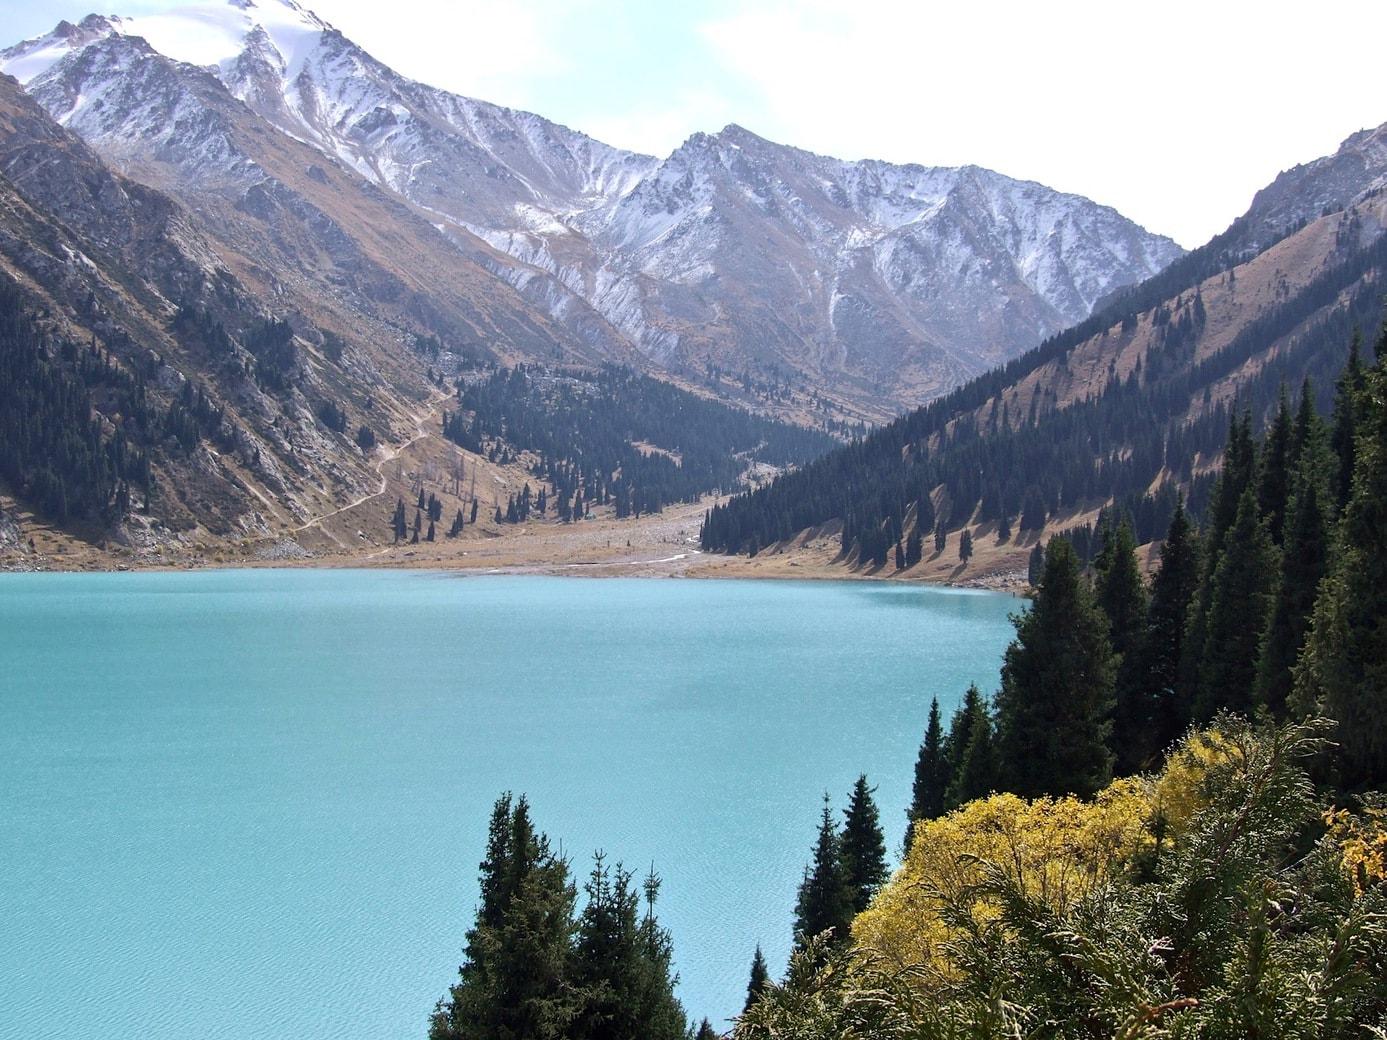 Scenery at Big Almaty Lake in Kazakhstan